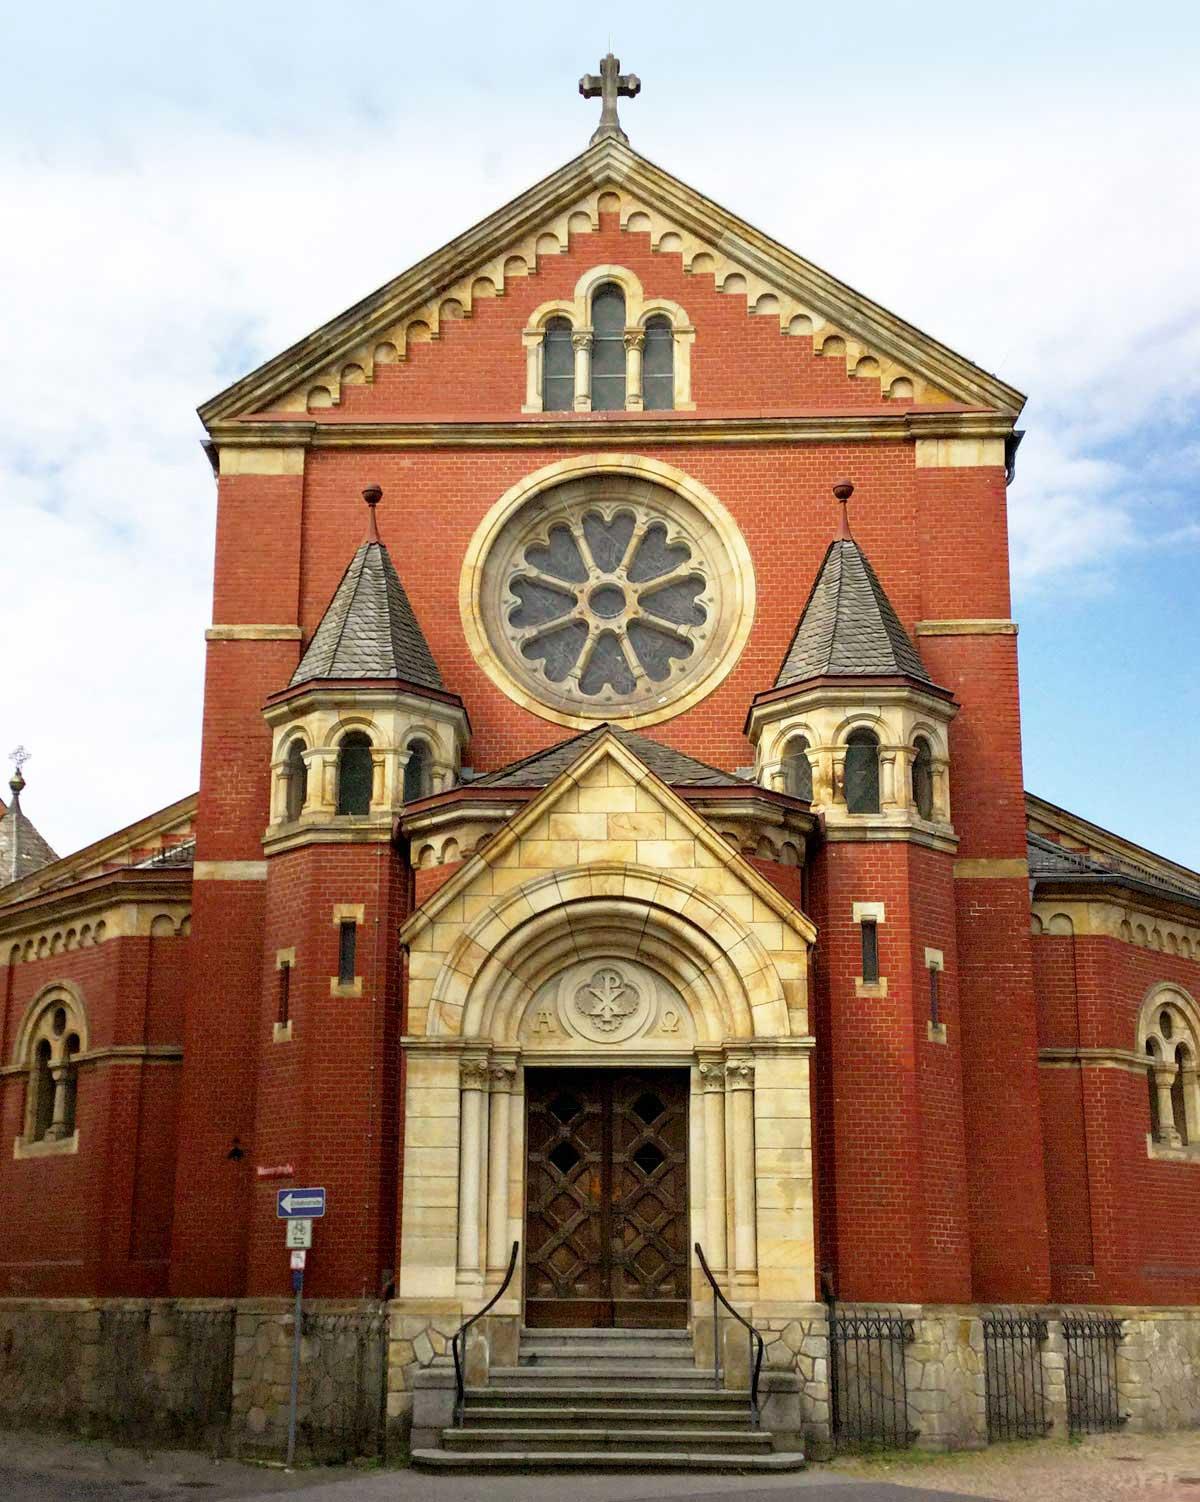 Seniorenzentrum-Bruder-Konrad-Stift-Mutterhauskirche-Marienschwestern-Maria-Mater-Dolorosa